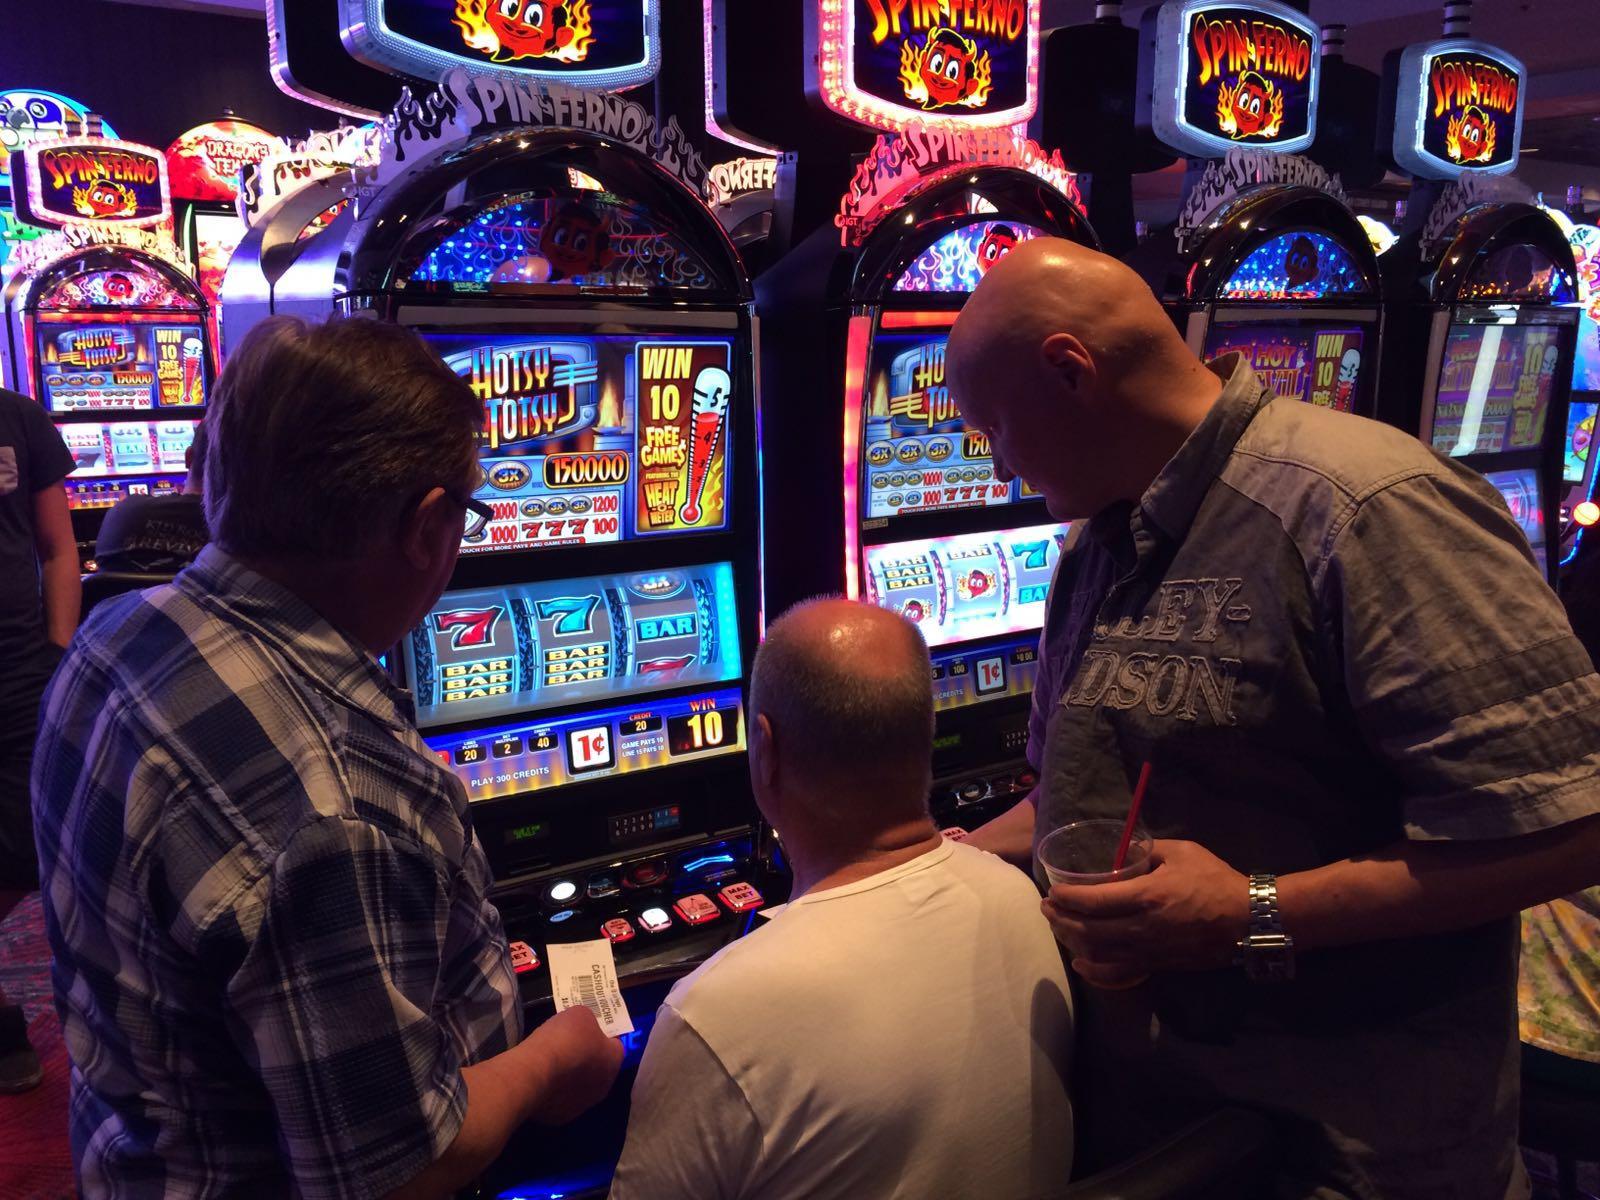 Arvo, Leo ja Lasse tyhjentämässä Grand Casinon taalaholveja :)